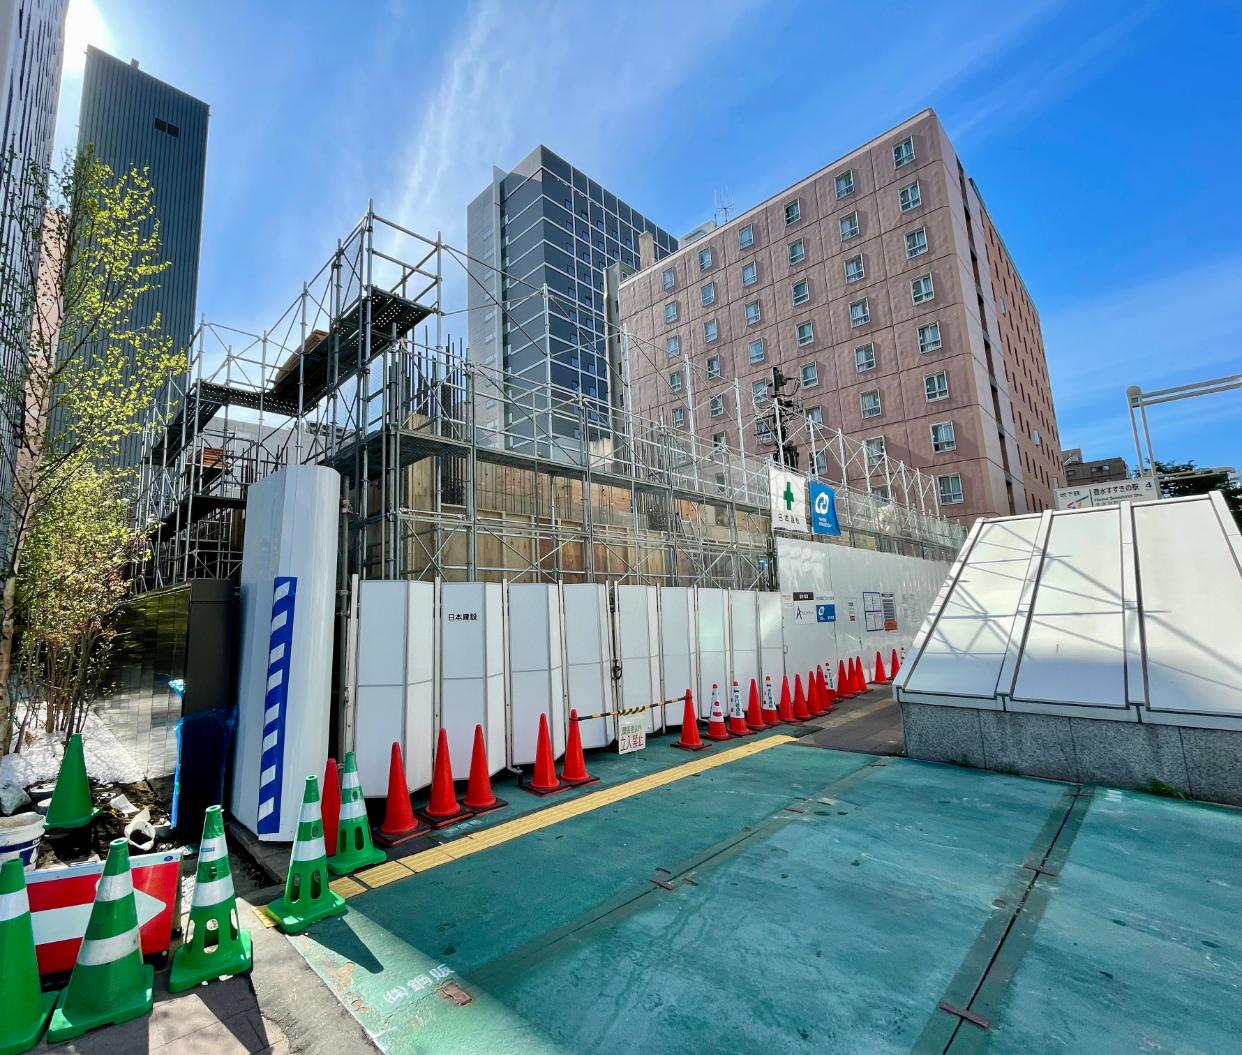 ✨2022年4月完成予定✨(仮称)相鉄フレッサイン 札幌すすきの 1階テナント